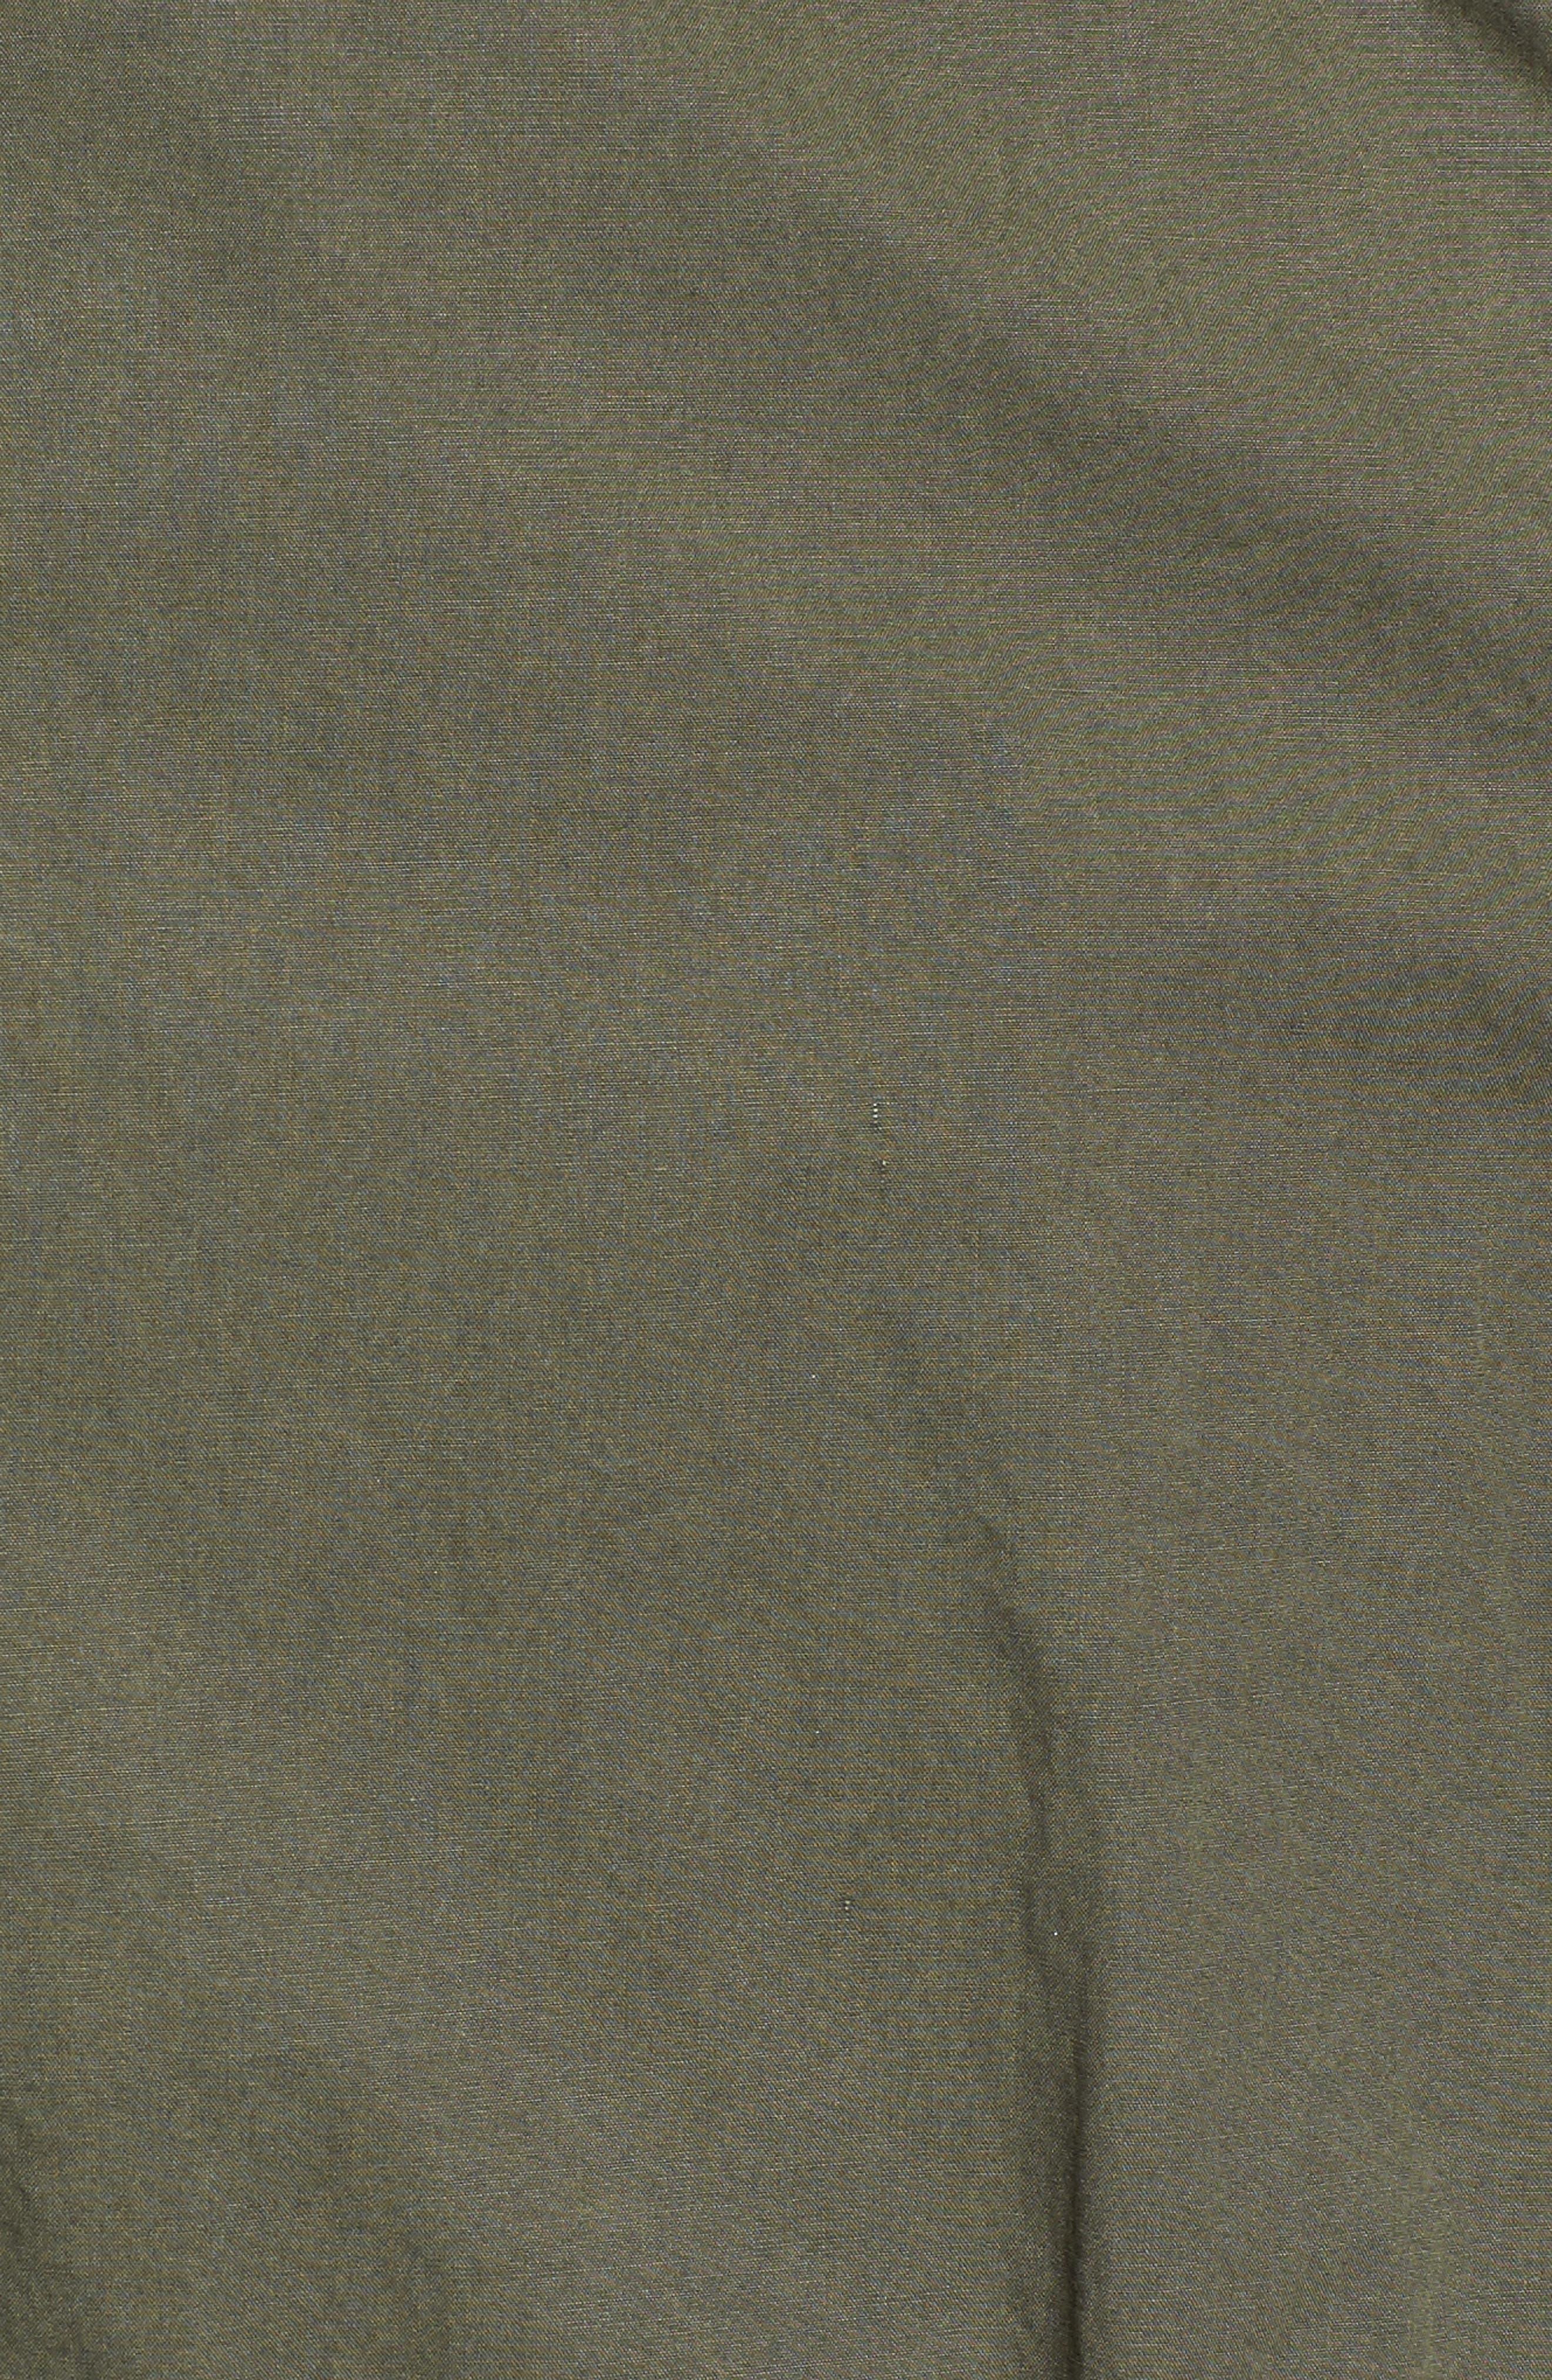 Levi's Parachute Cotton Vest,                             Alternate thumbnail 15, color,